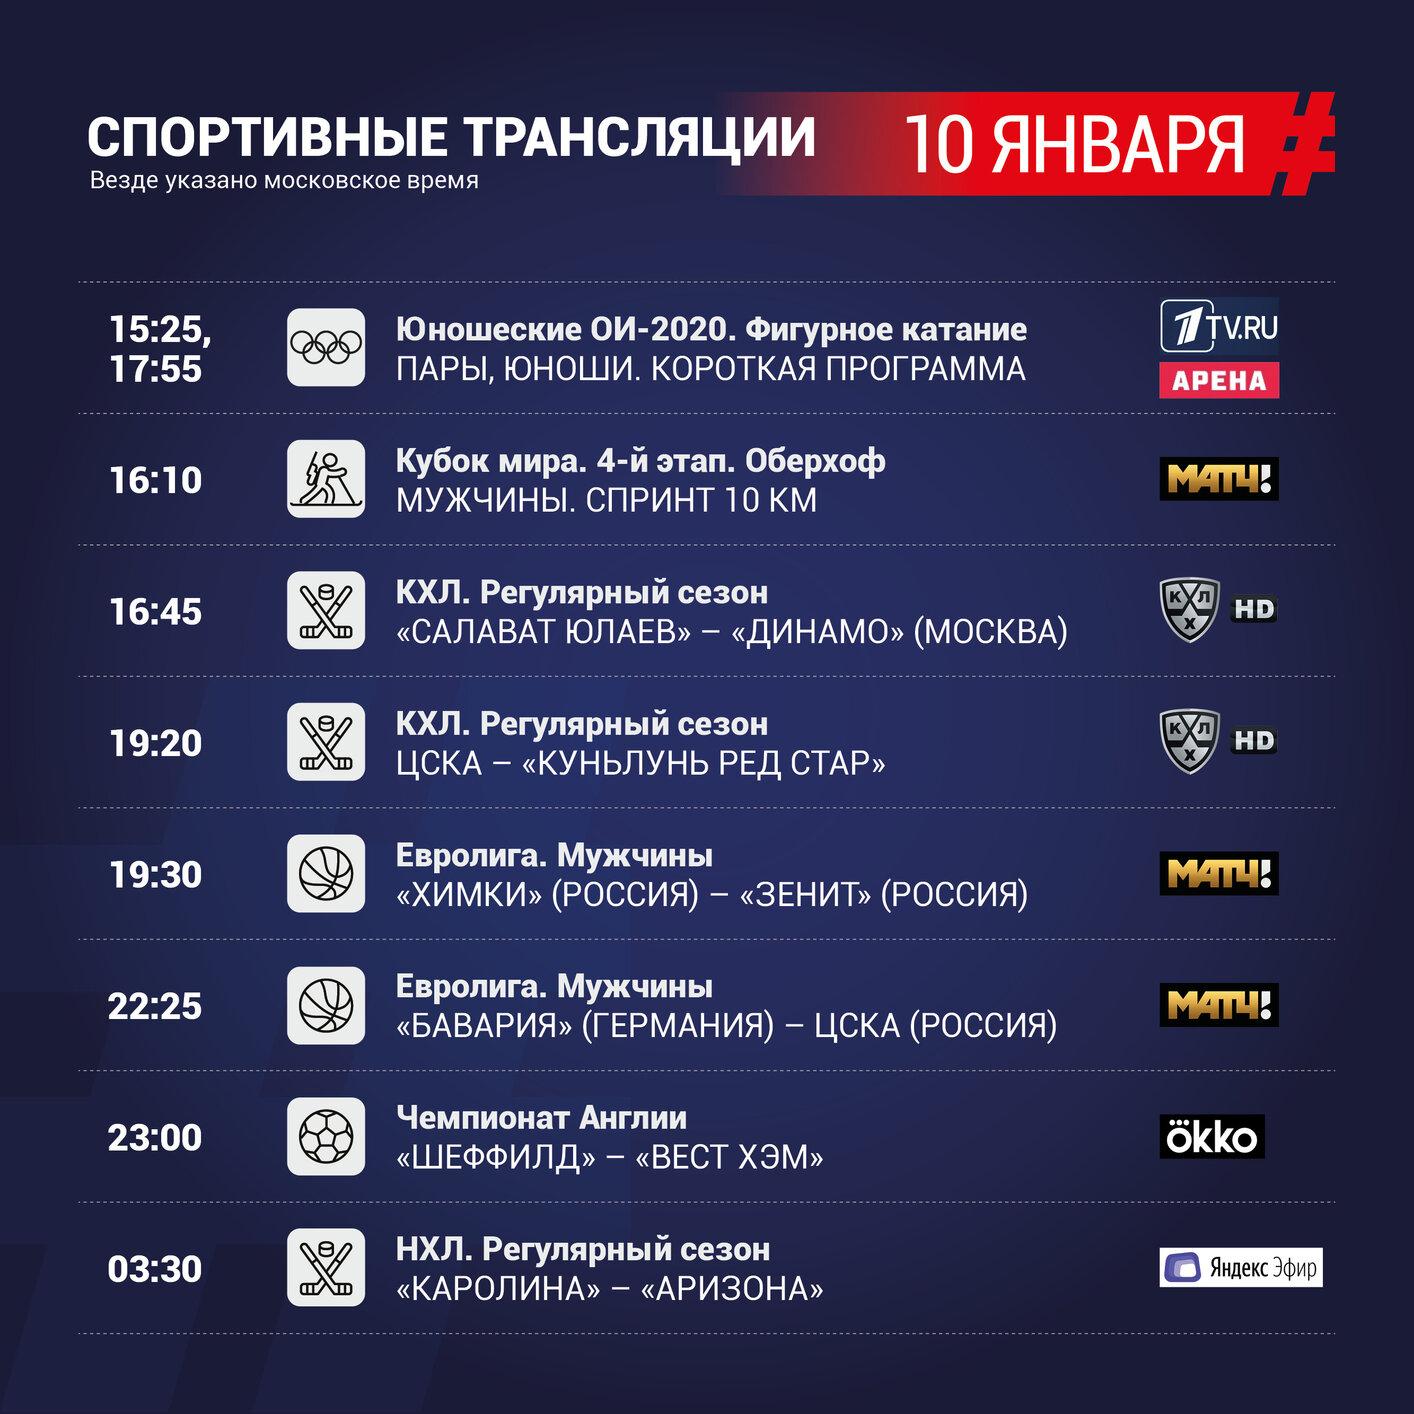 Спортивная телепрограмма матч тв на 10 января